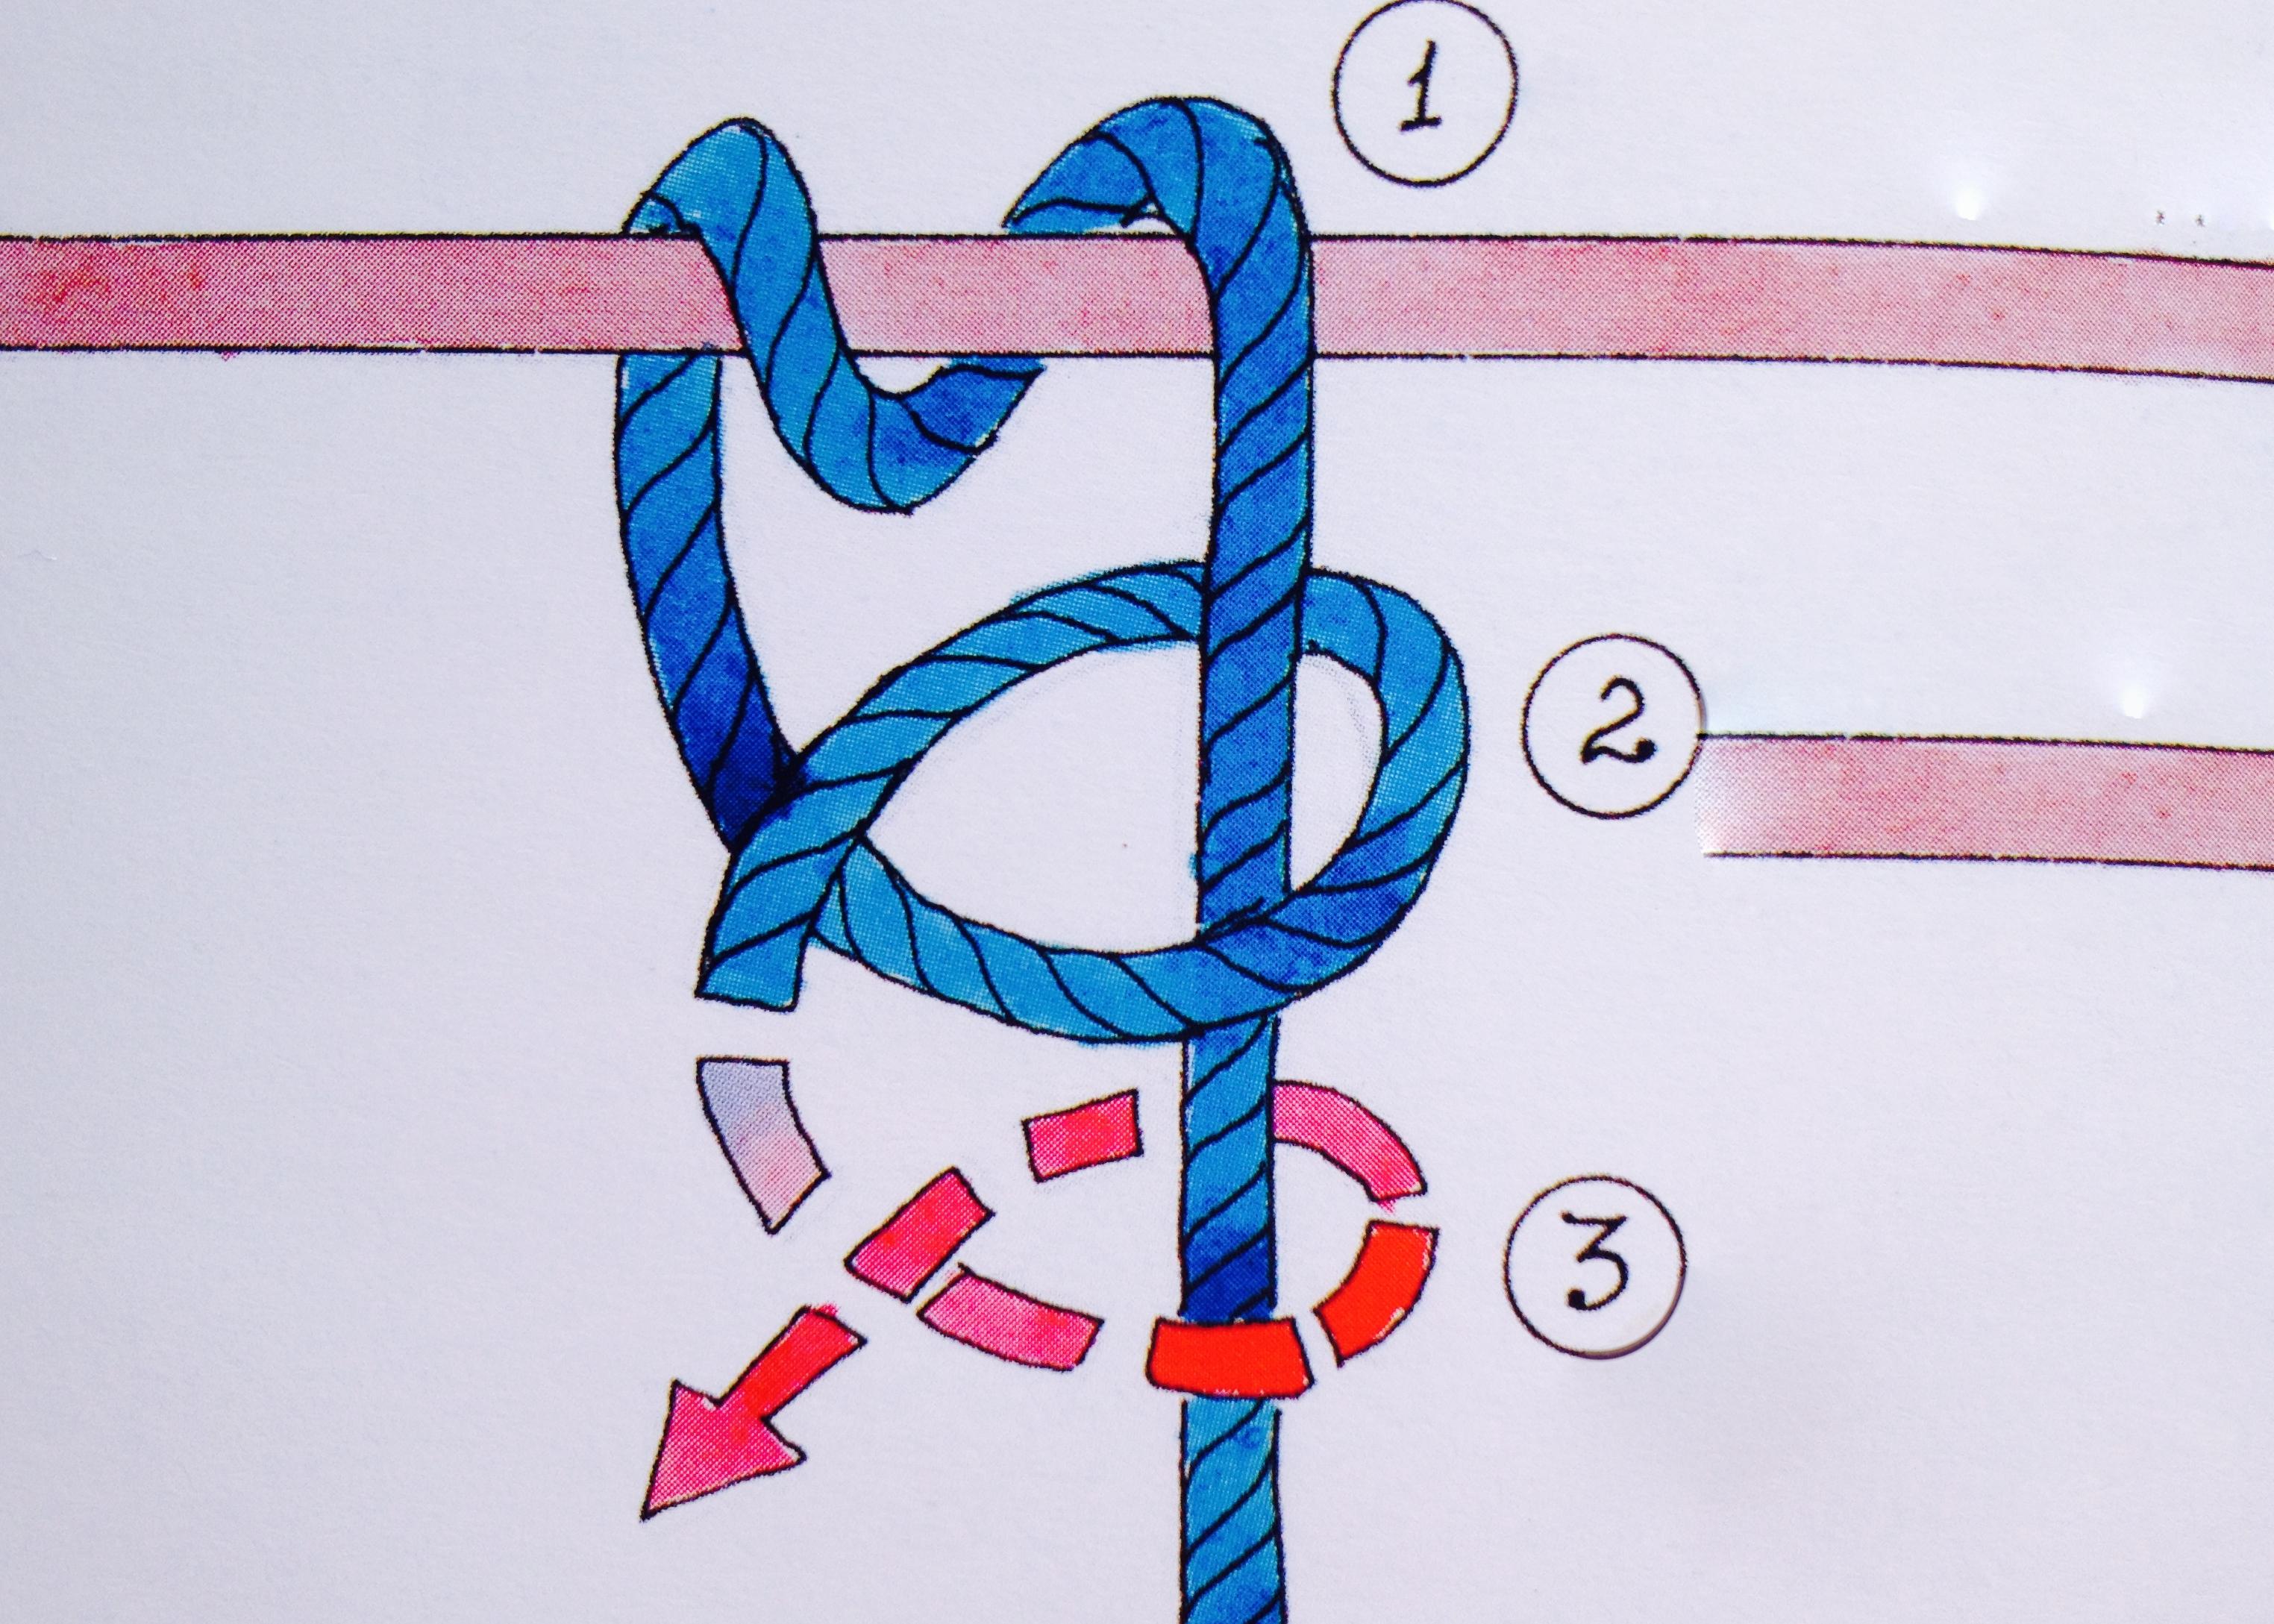 徐莉佳,帆船,绳结打法 三个驾驶帆船就最常用的绳结打法与用途----徐莉佳漫画 5j.jpg